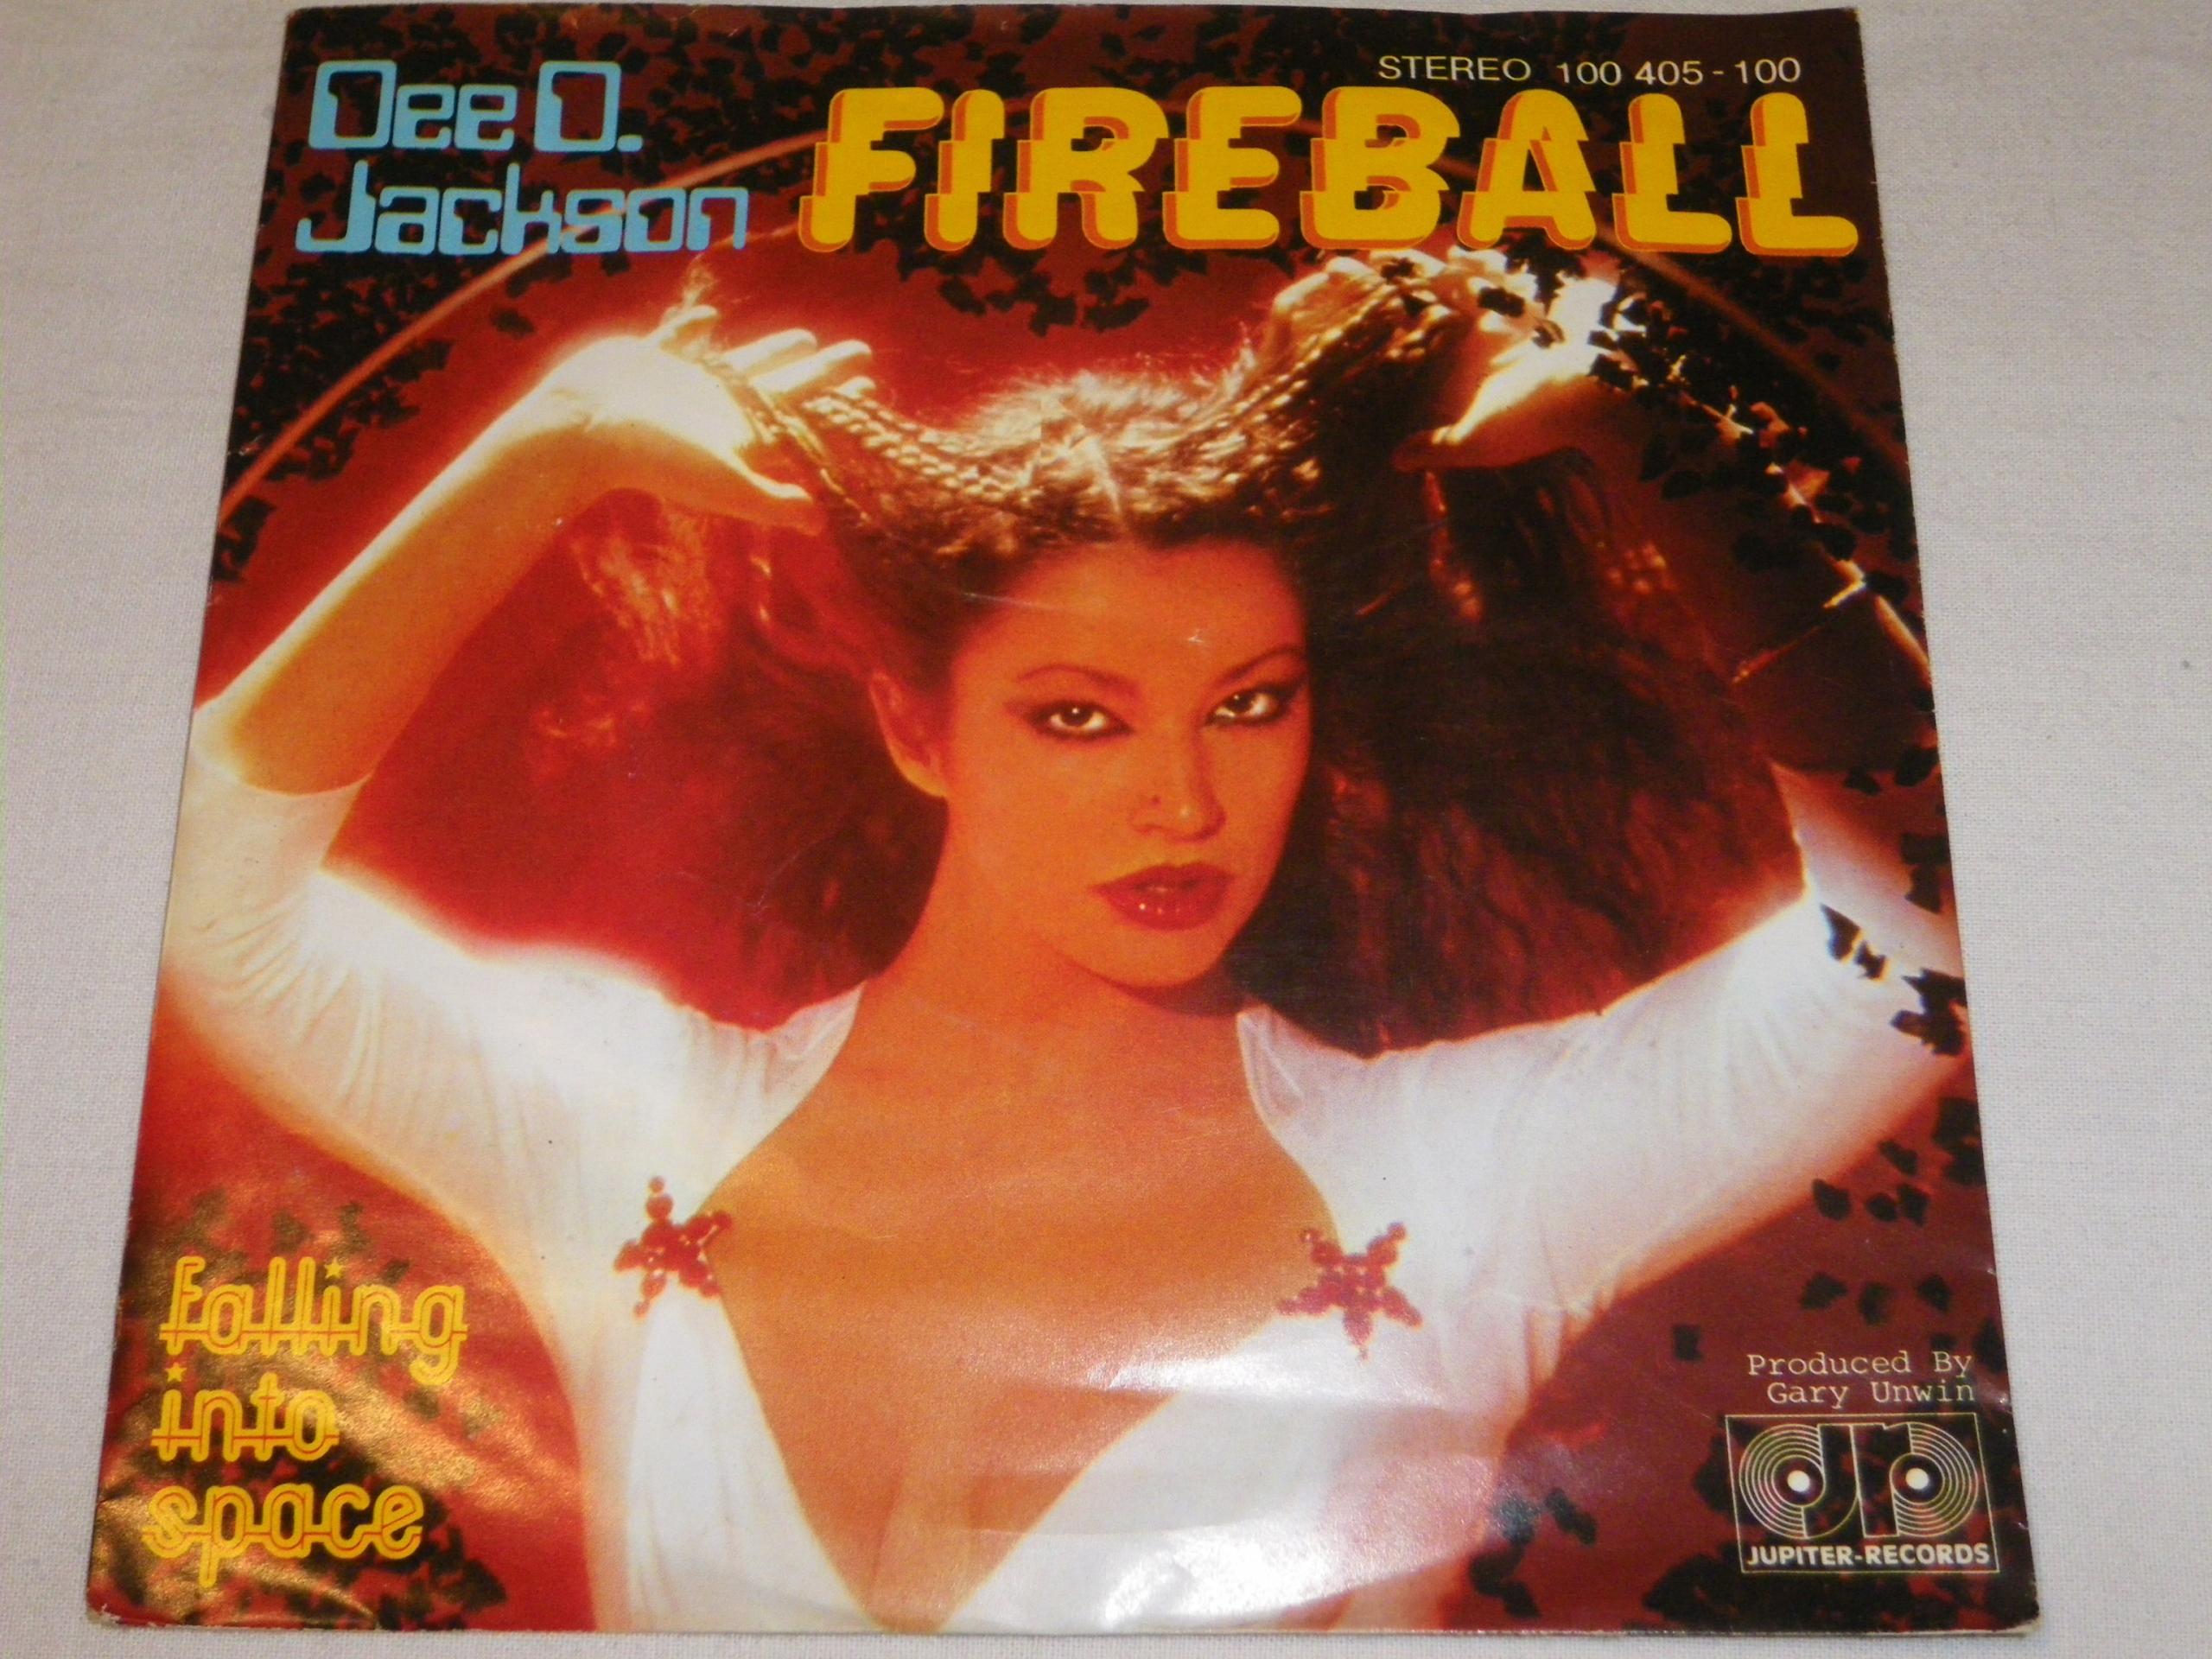 Dee O.Jackson- Fireball SP 7''